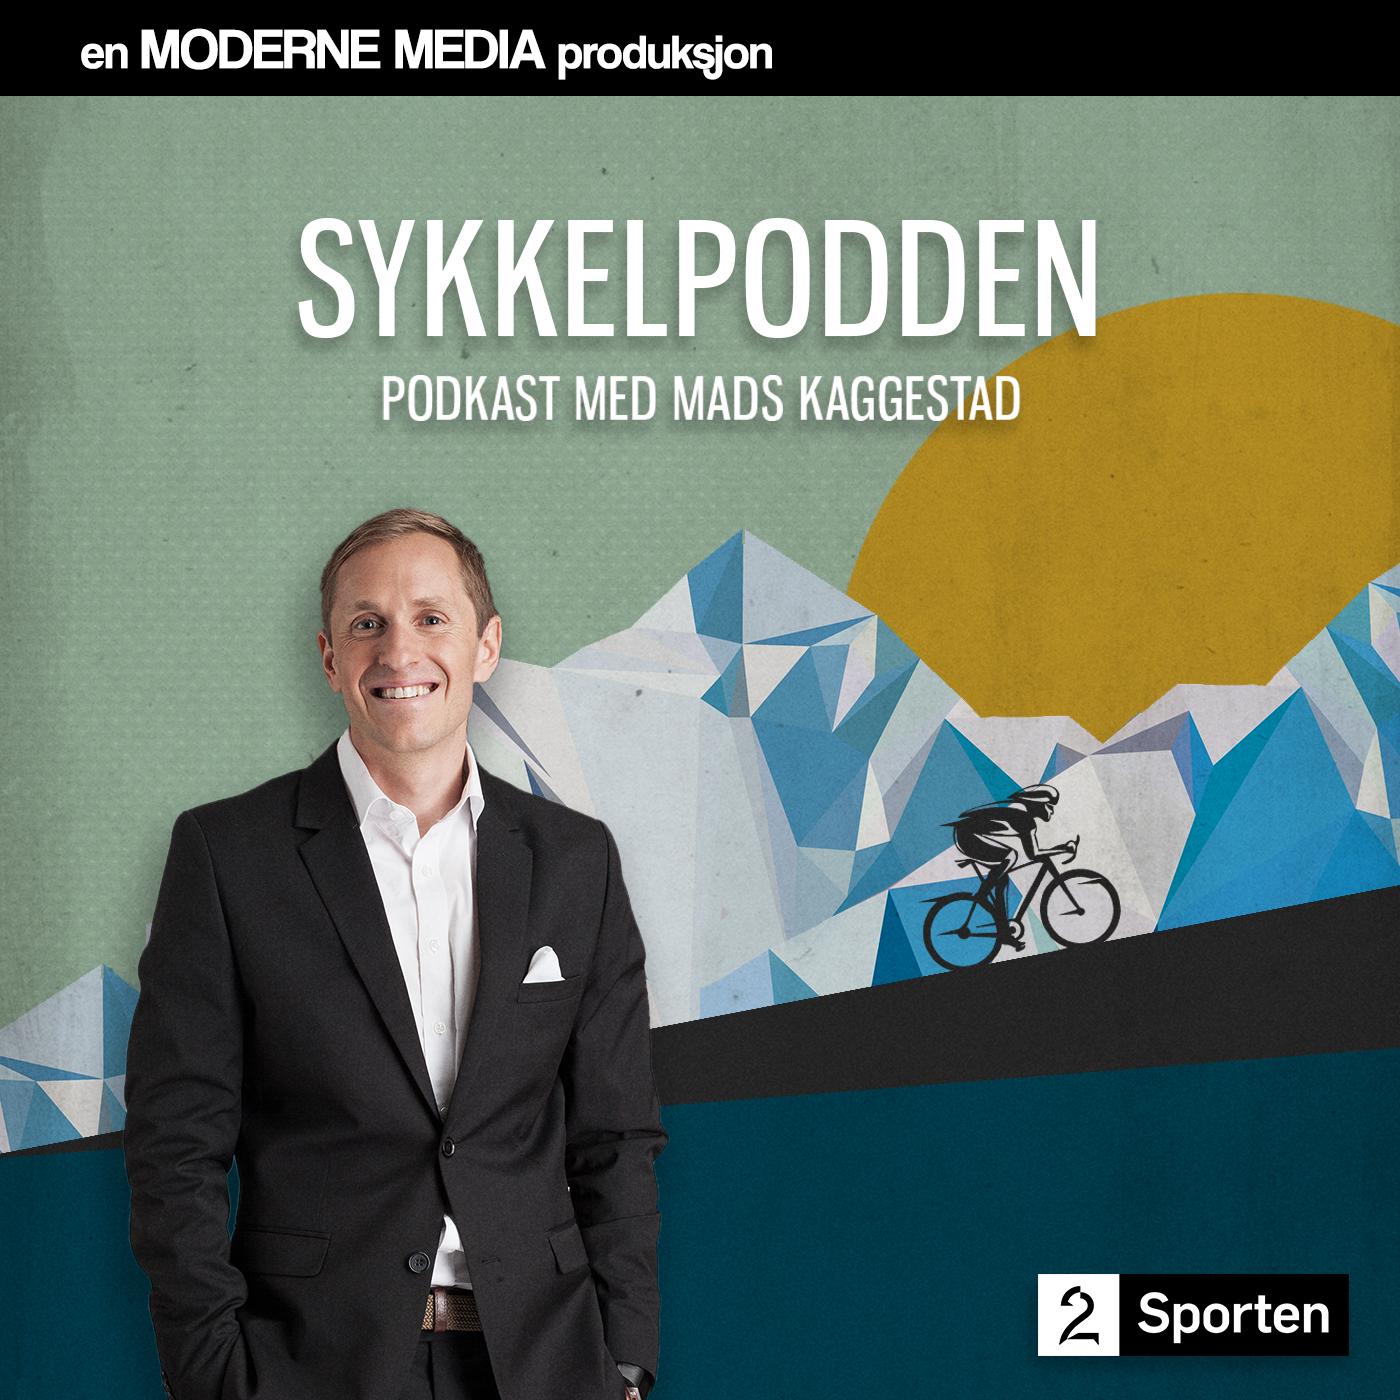 TV2 Sykkelpodden.jpg